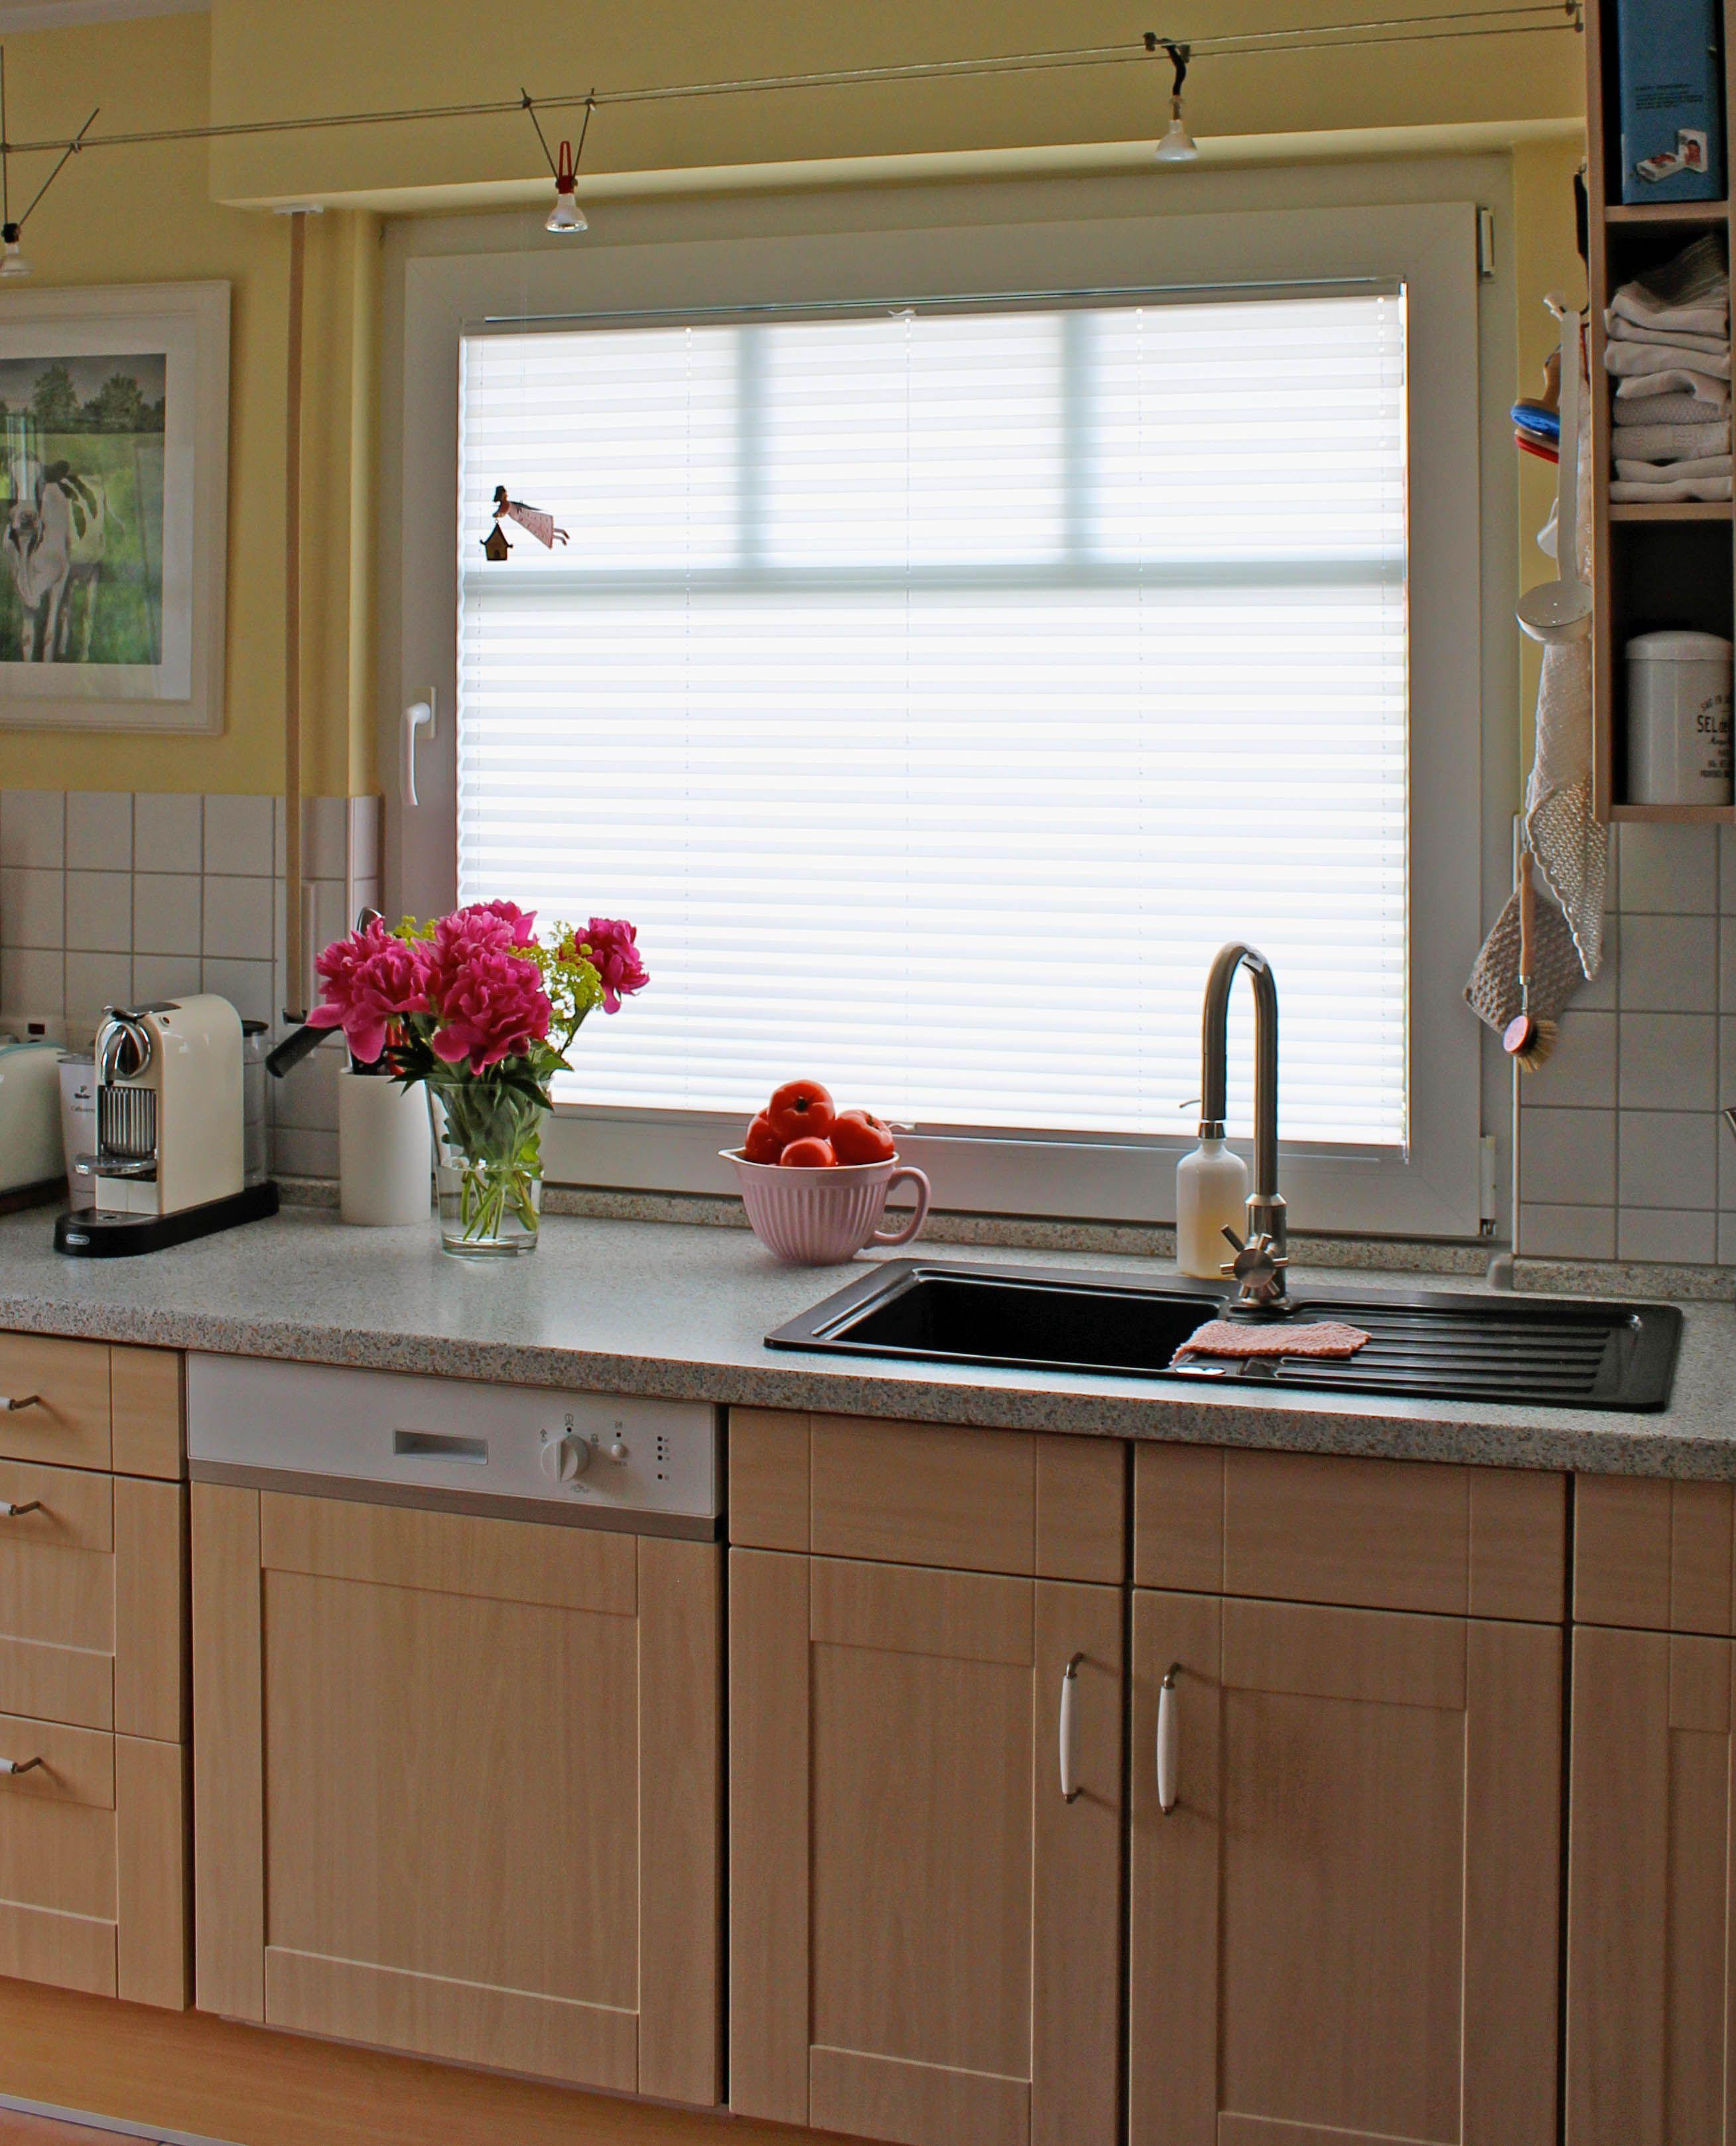 Moderne Küchenvorhänge | Https Ok Ru Profile 573474087611 St Layer Cmd